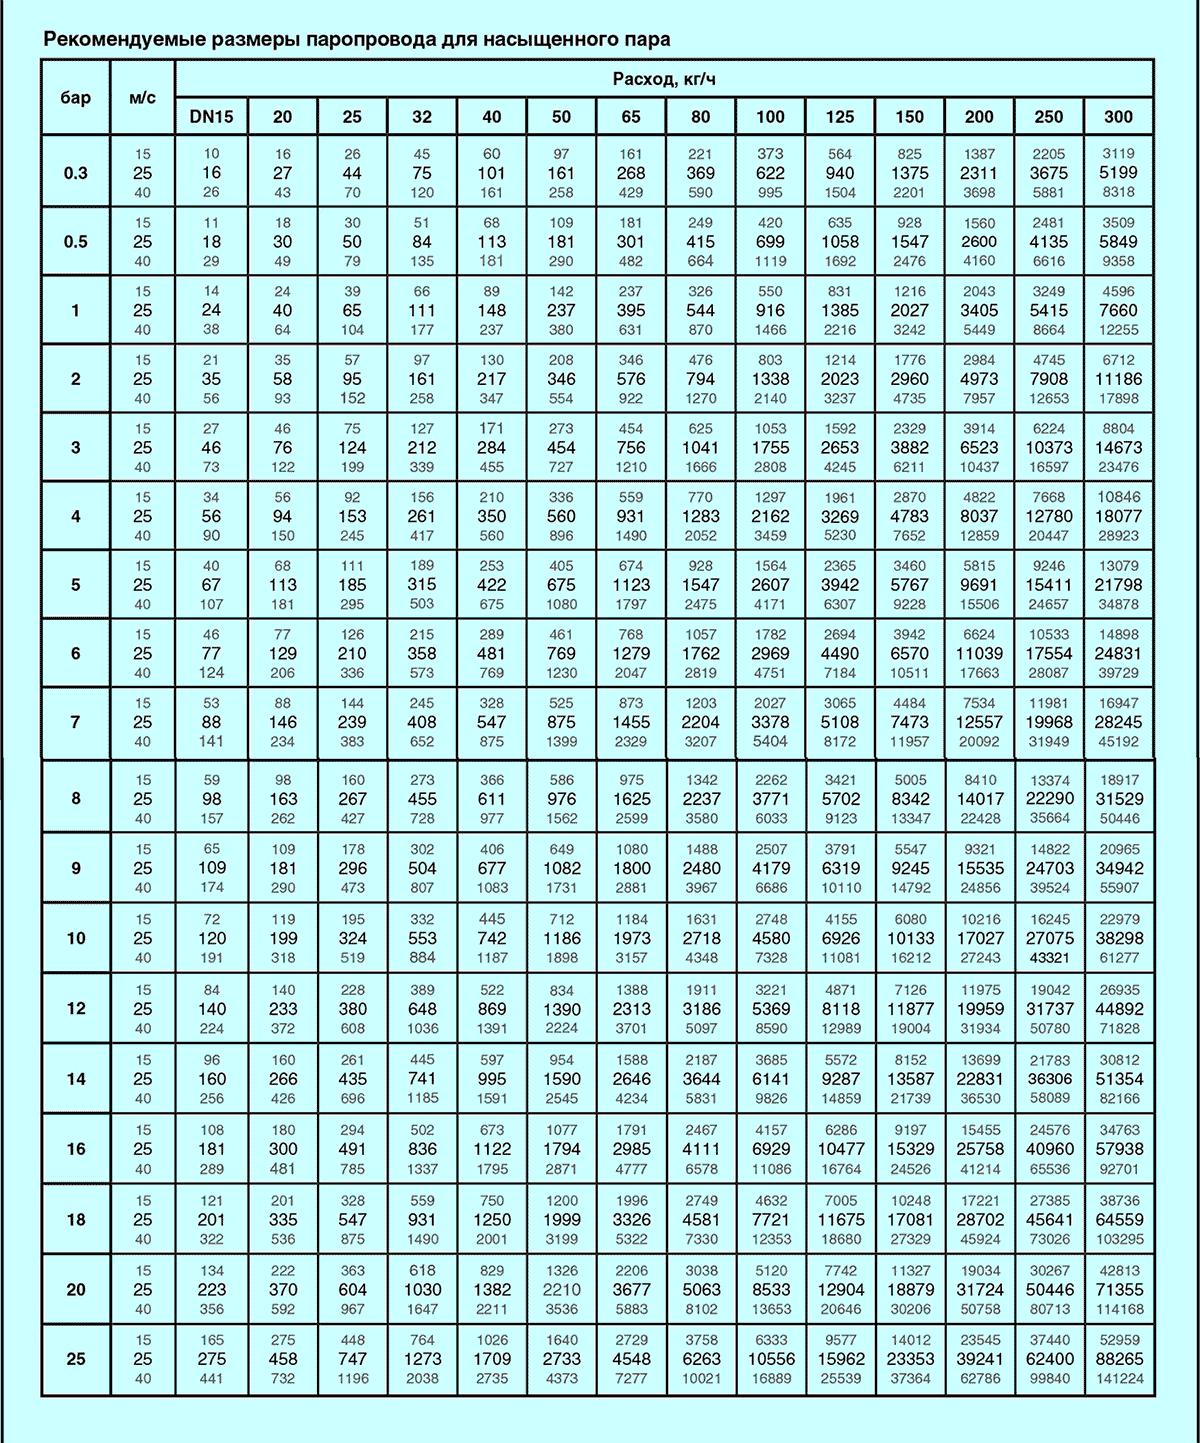 Таблица расчета диаметра паропровода